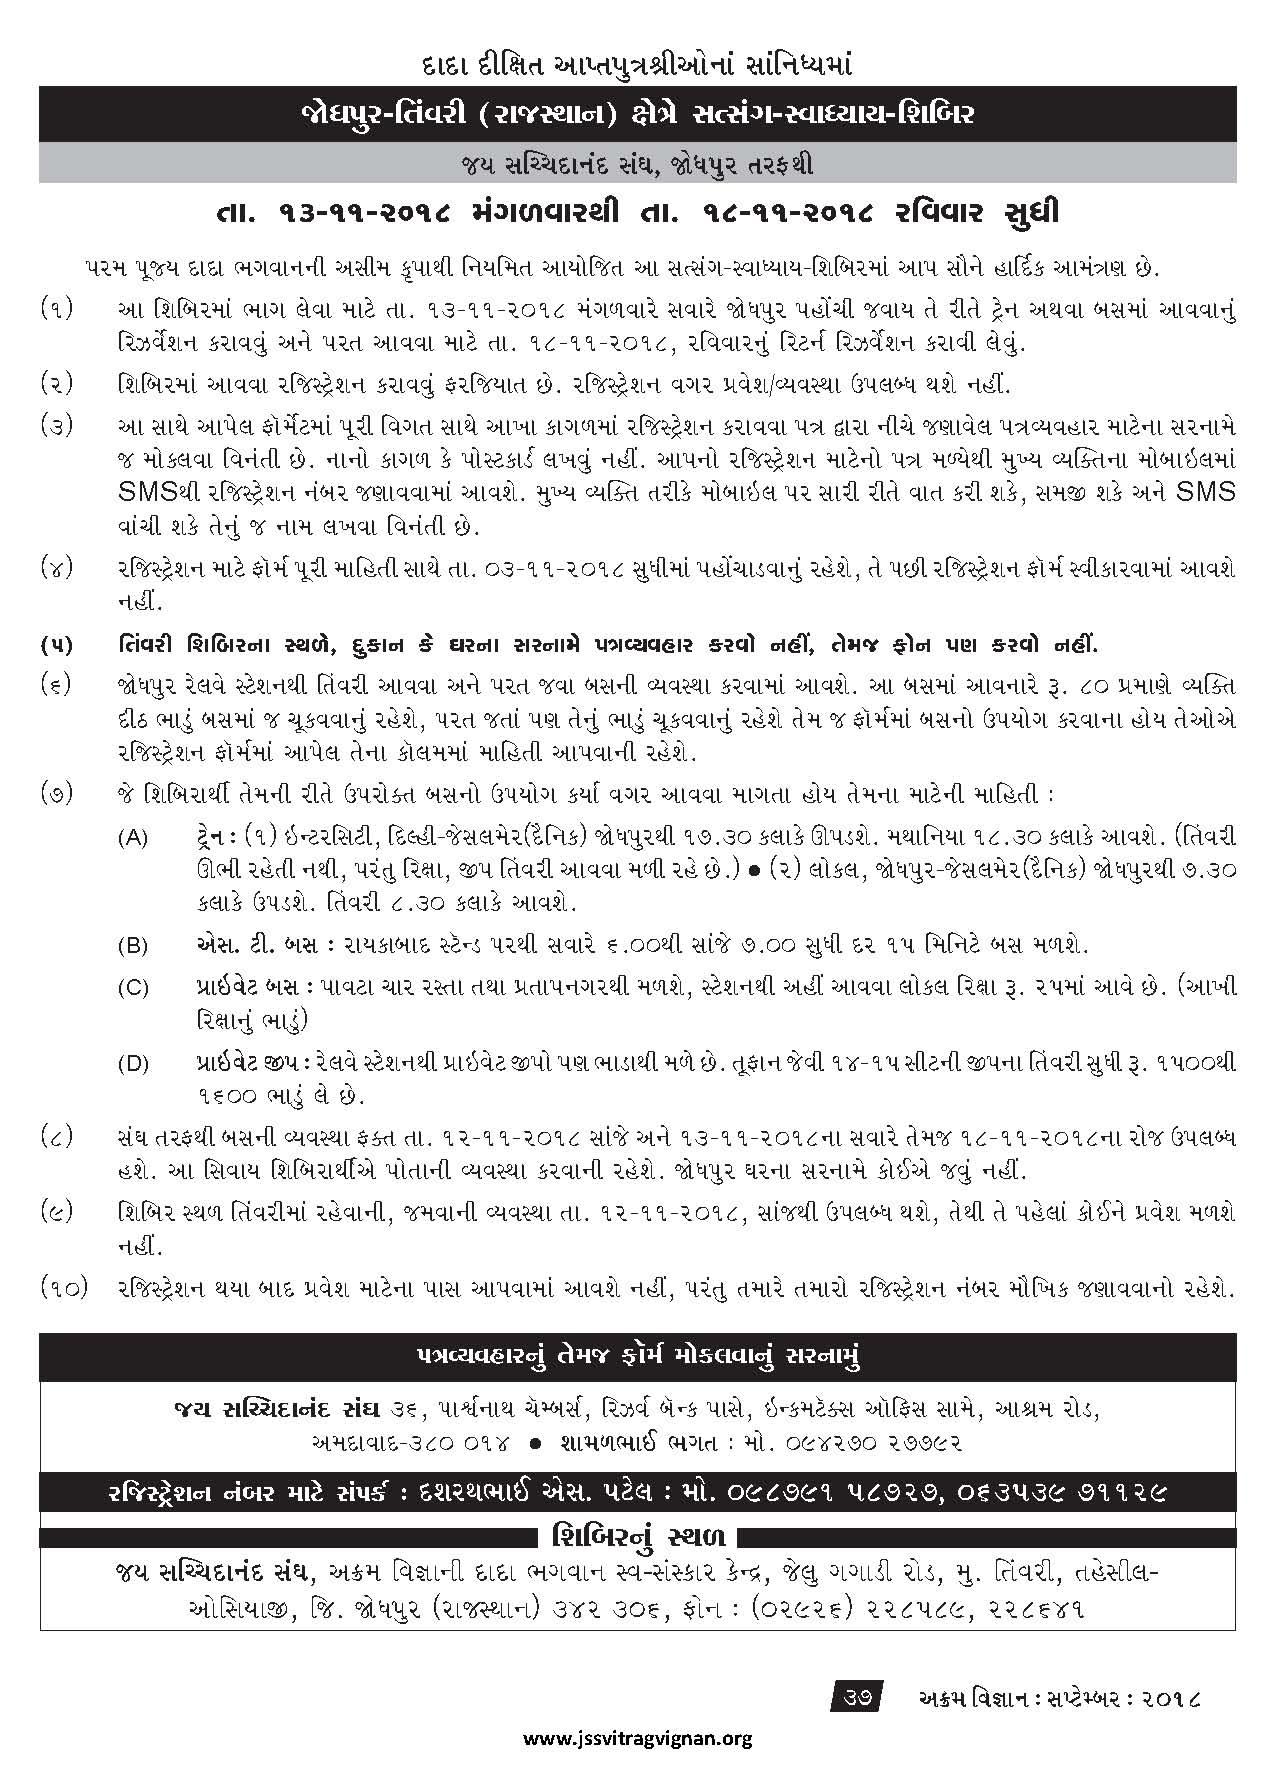 Satsang-swadhyay Sibir- Tiwari-1